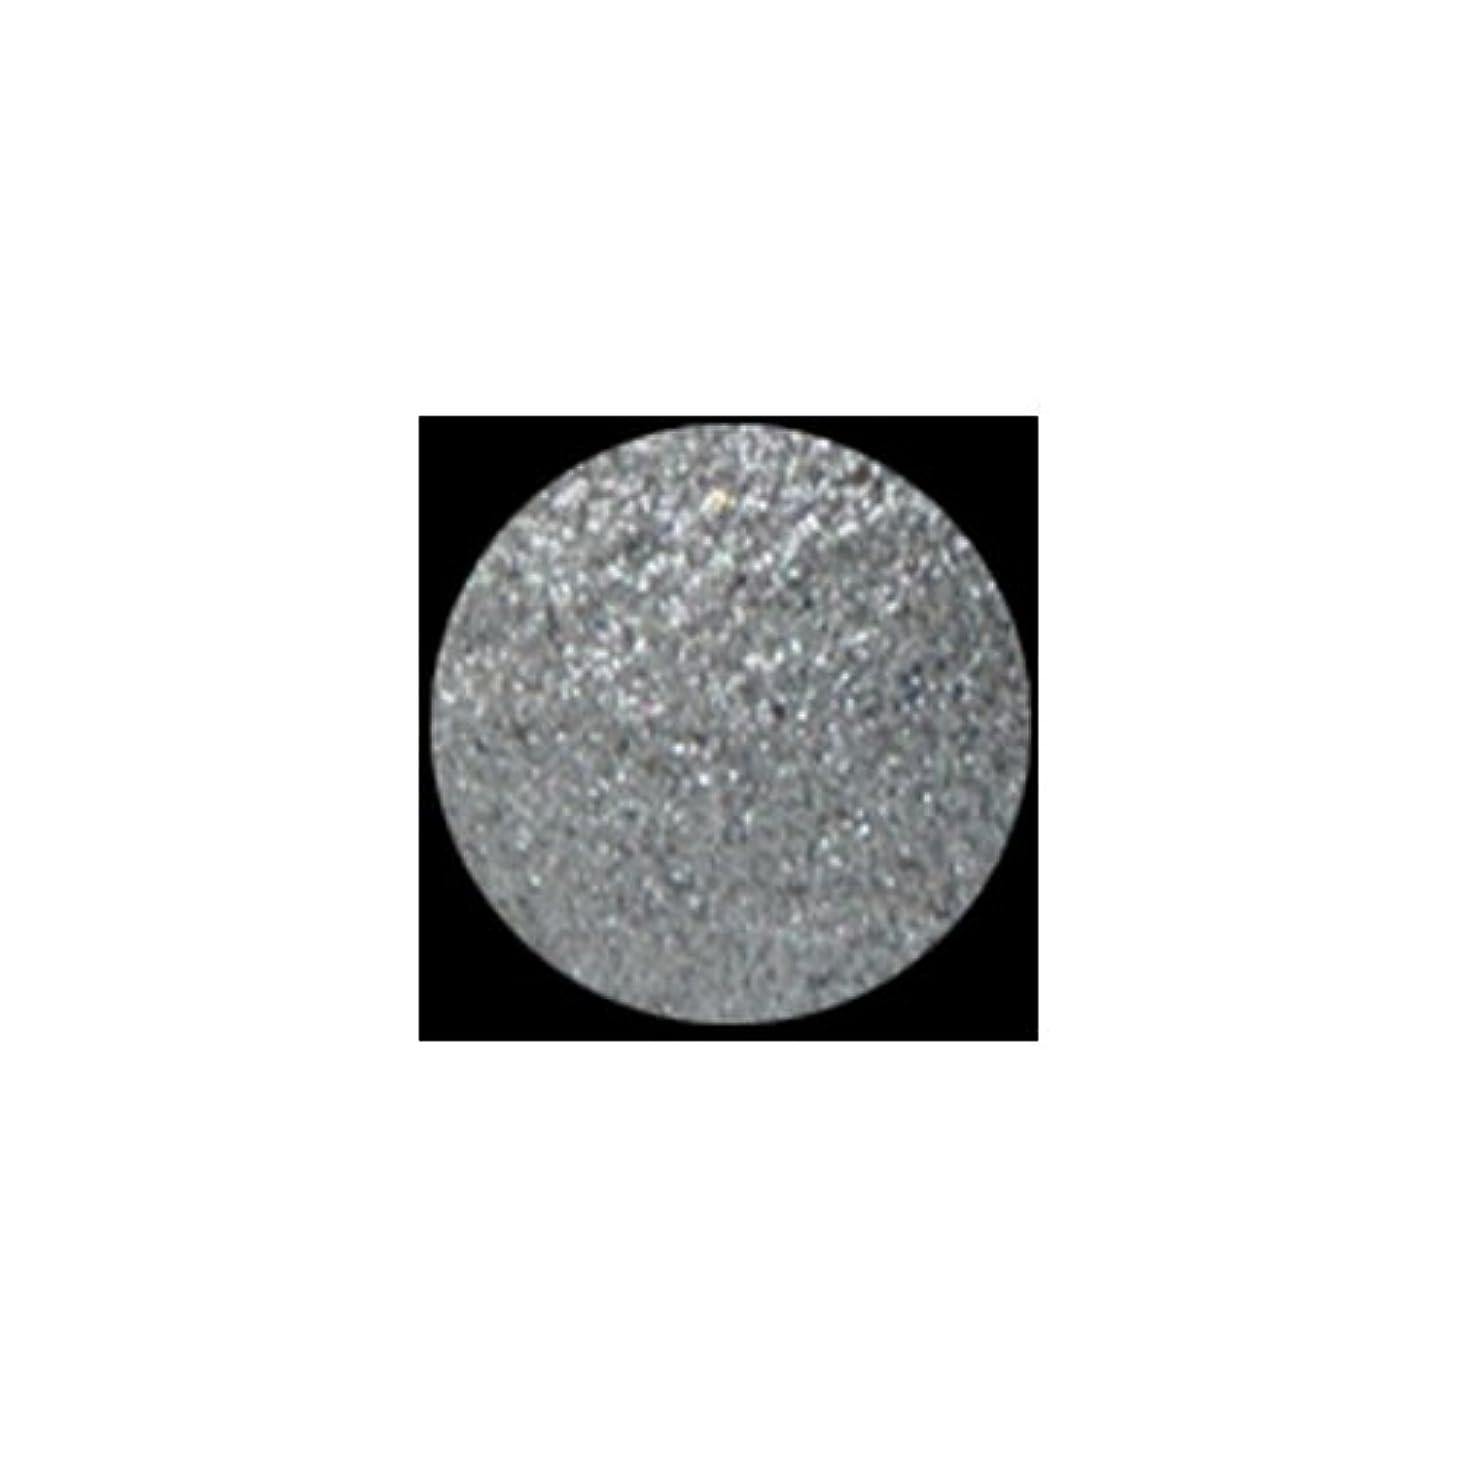 出口種動かない(3 Pack) KLEANCOLOR American Eyedol (Wet/Dry Baked Eyeshadow) - Glitter Midnight (並行輸入品)